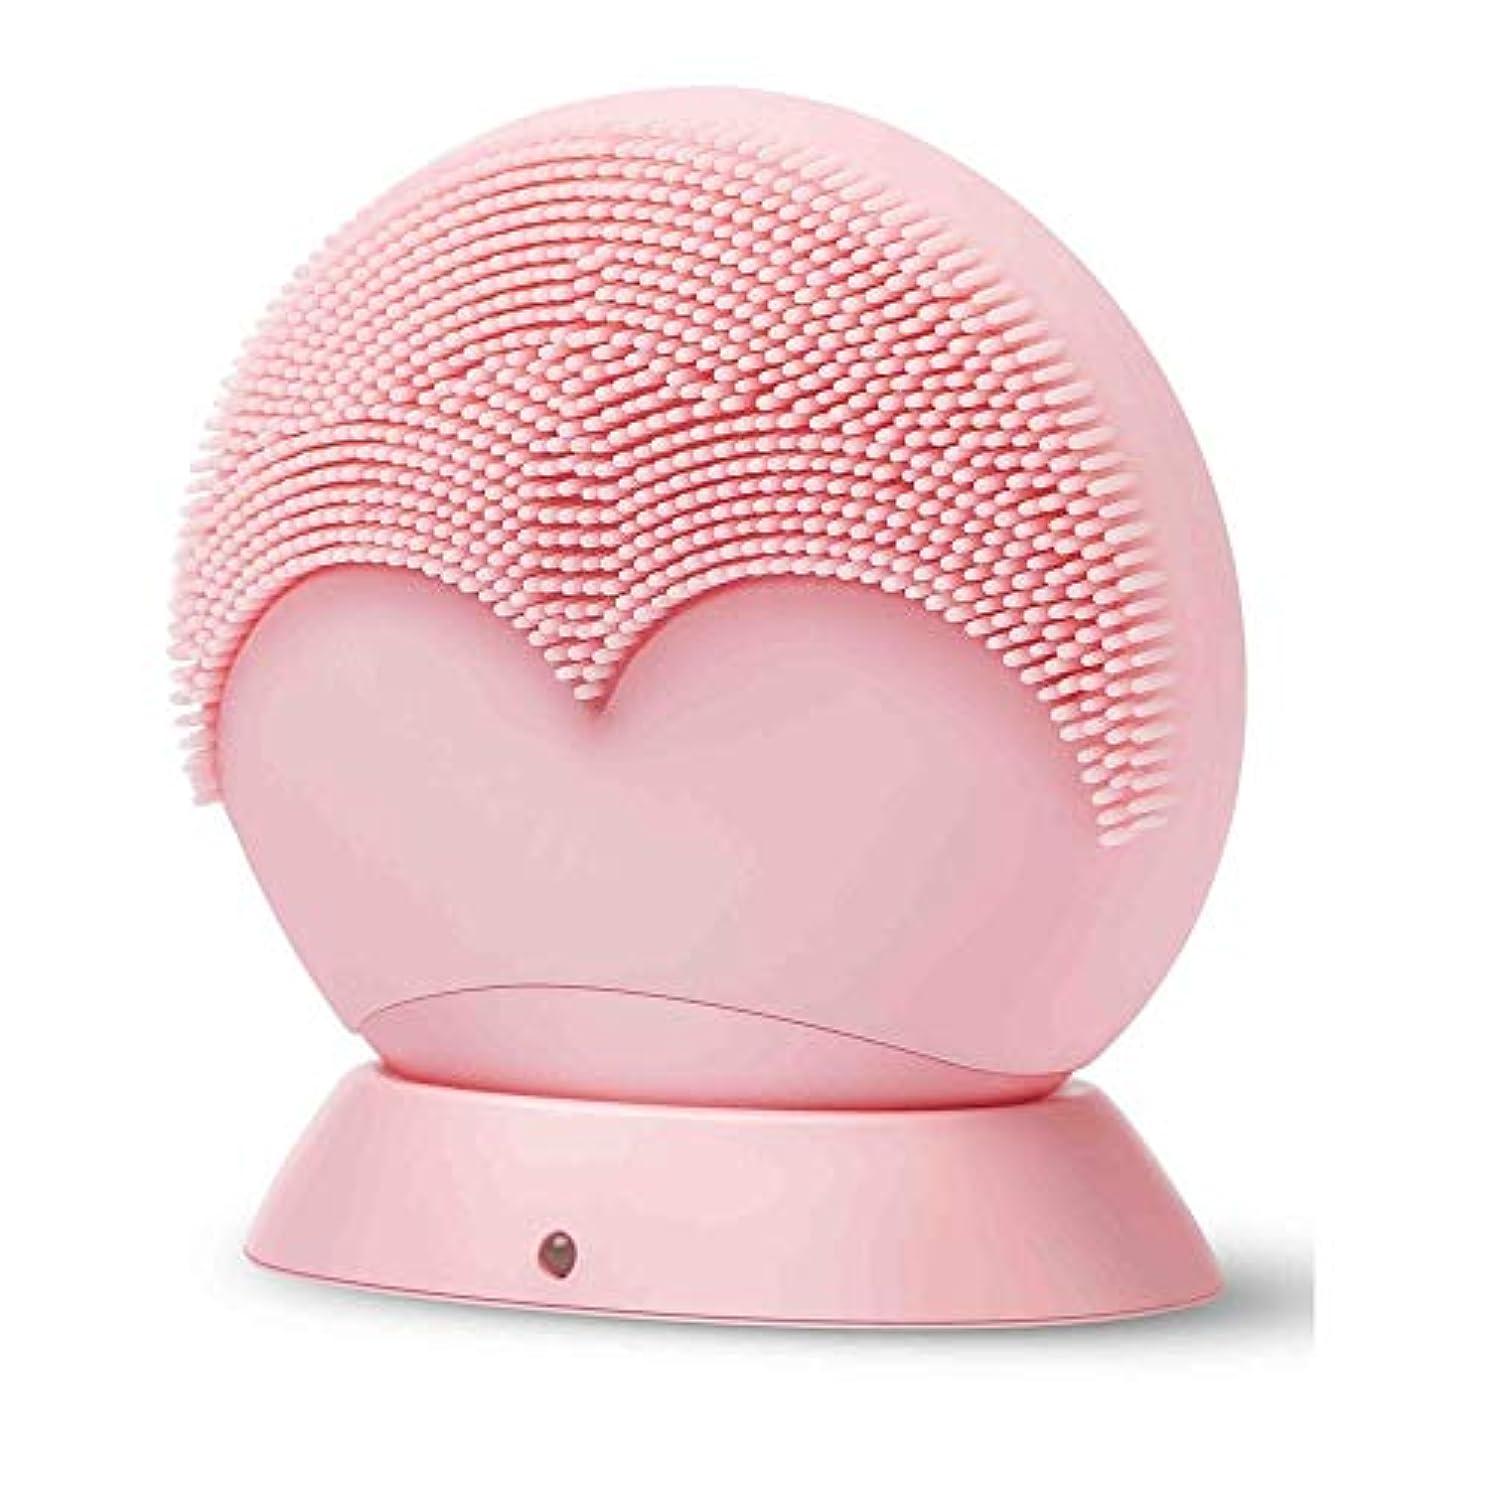 補うライオネルグリーンストリートわずかなZXF ワイヤレス充電超音波振動クレンジングブラシディープクリーンミュートシリコンクレンジング楽器防水 滑らかである (色 : Pink)